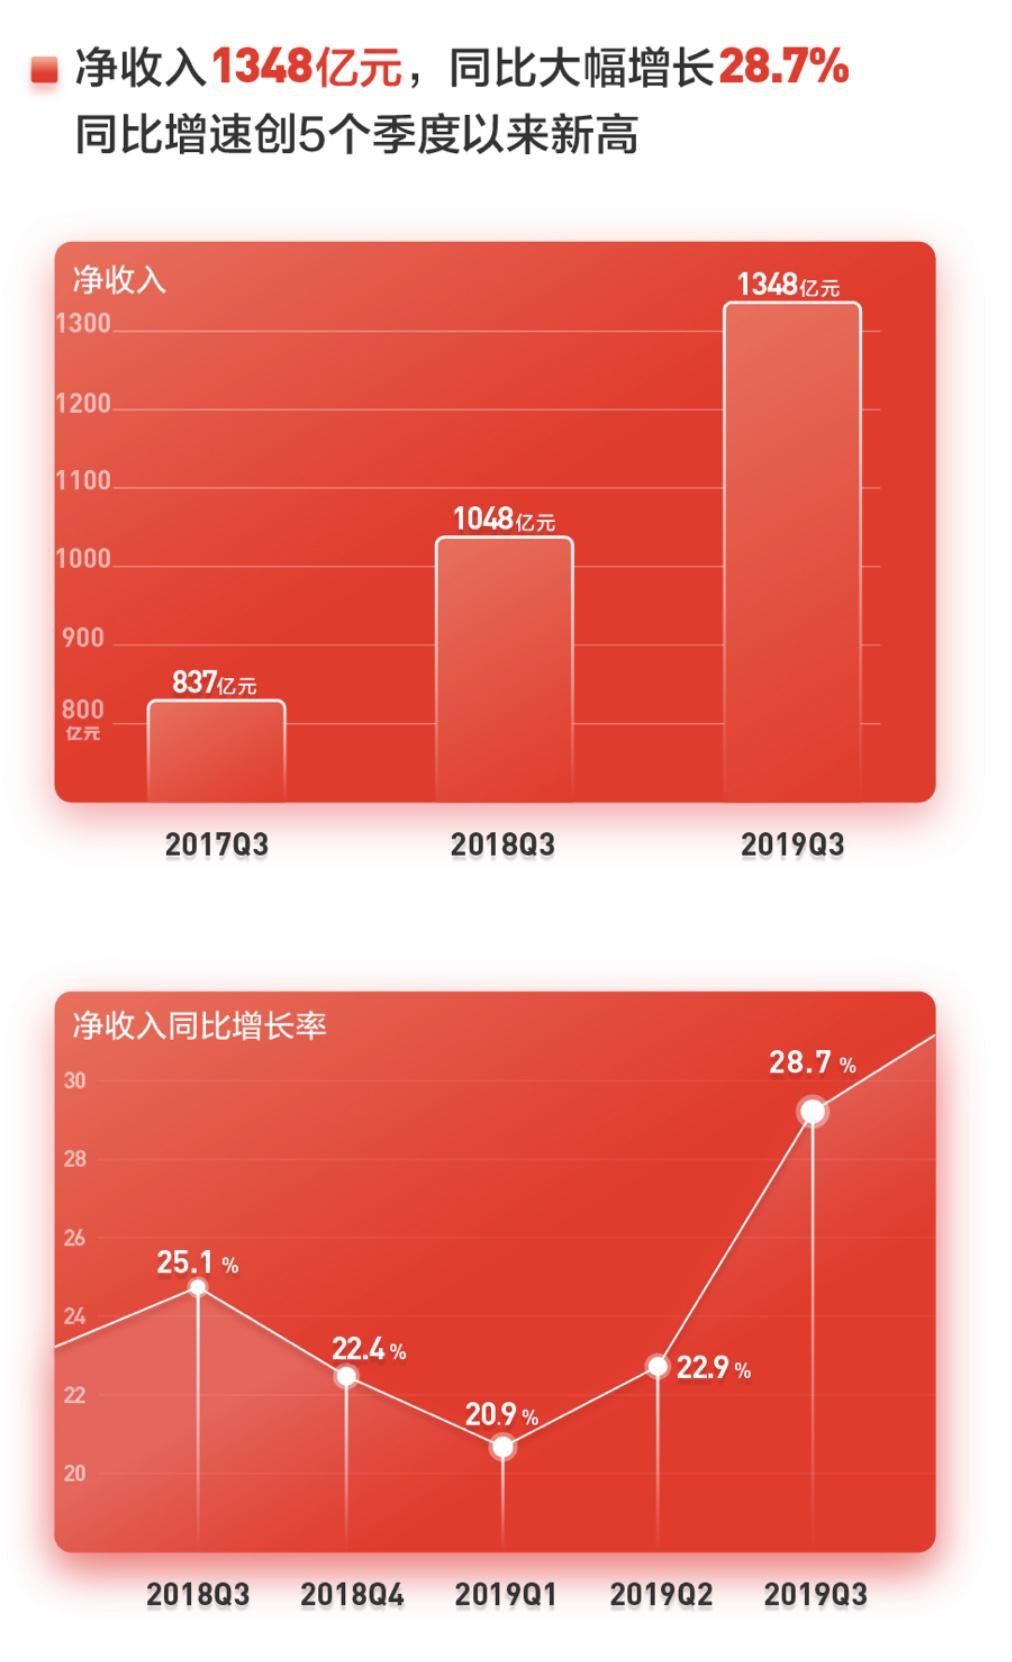 京东Q3净收入1348亿元,低线市场新用户拉动增长